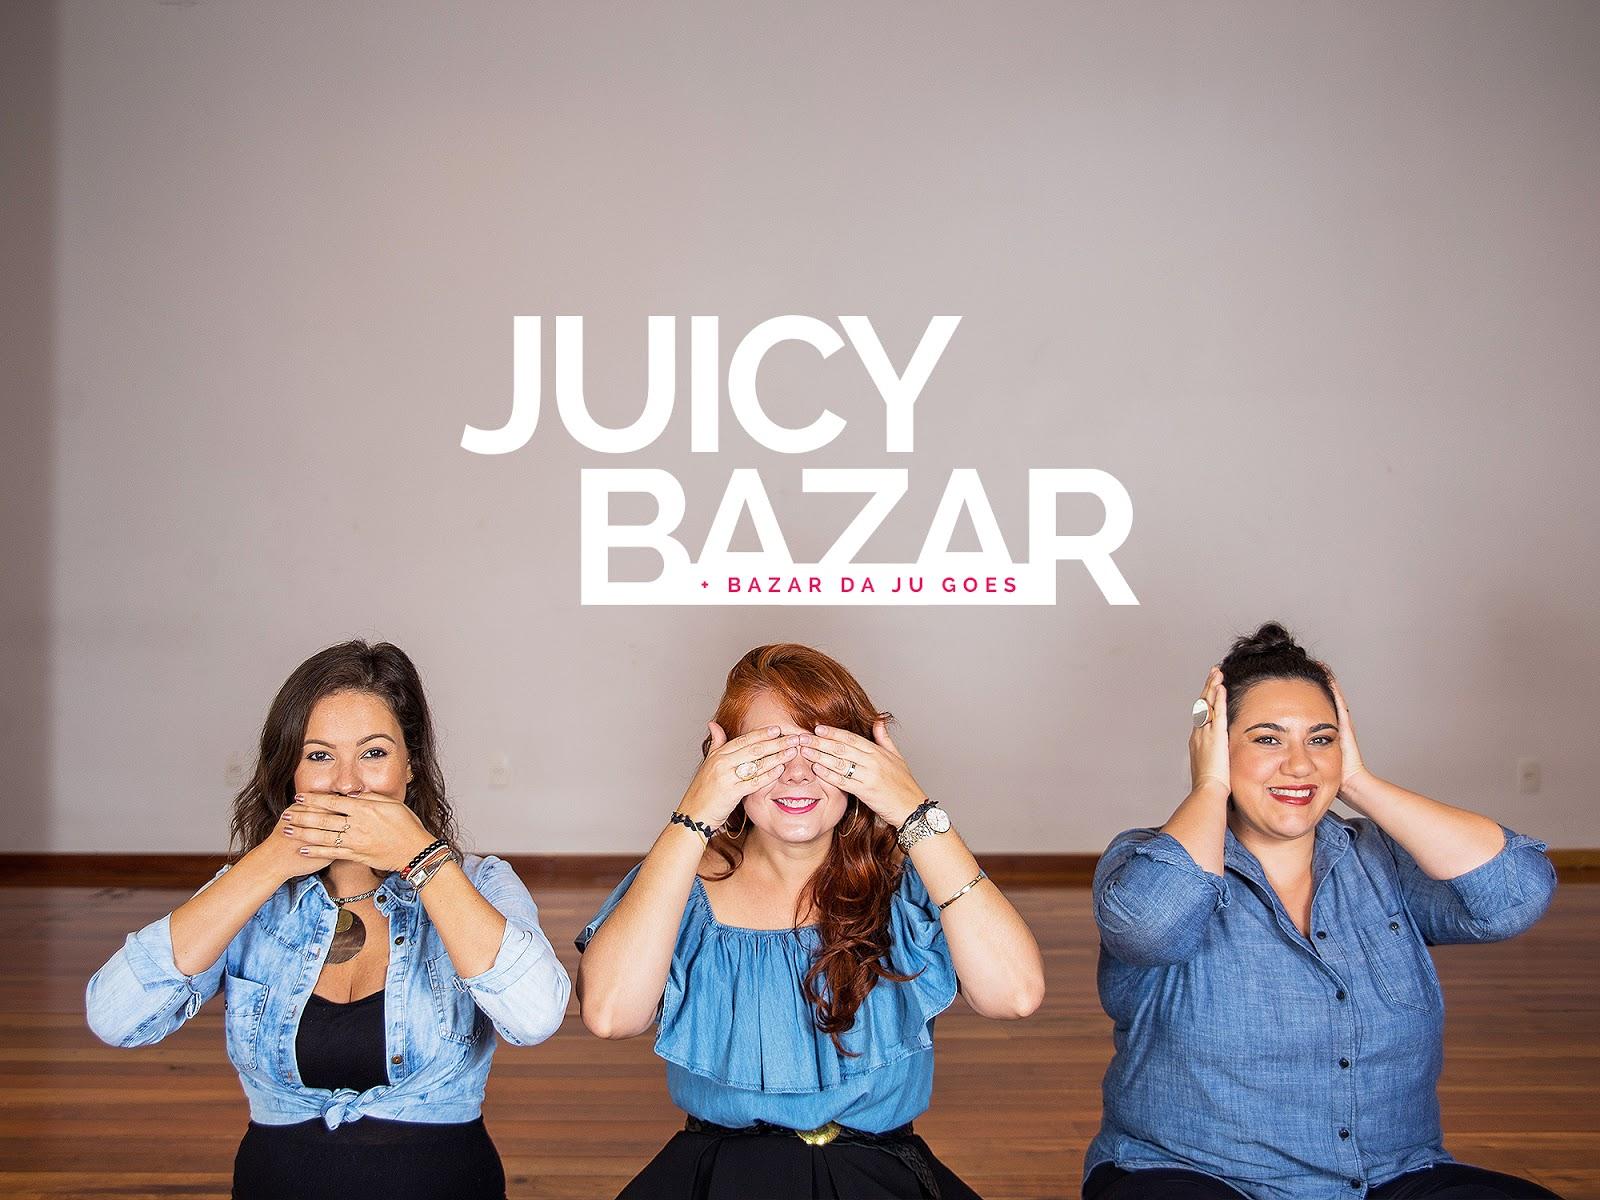 48a1c7bab1e Juicybazar + Bazar da Ju Goes e a Economia Circular